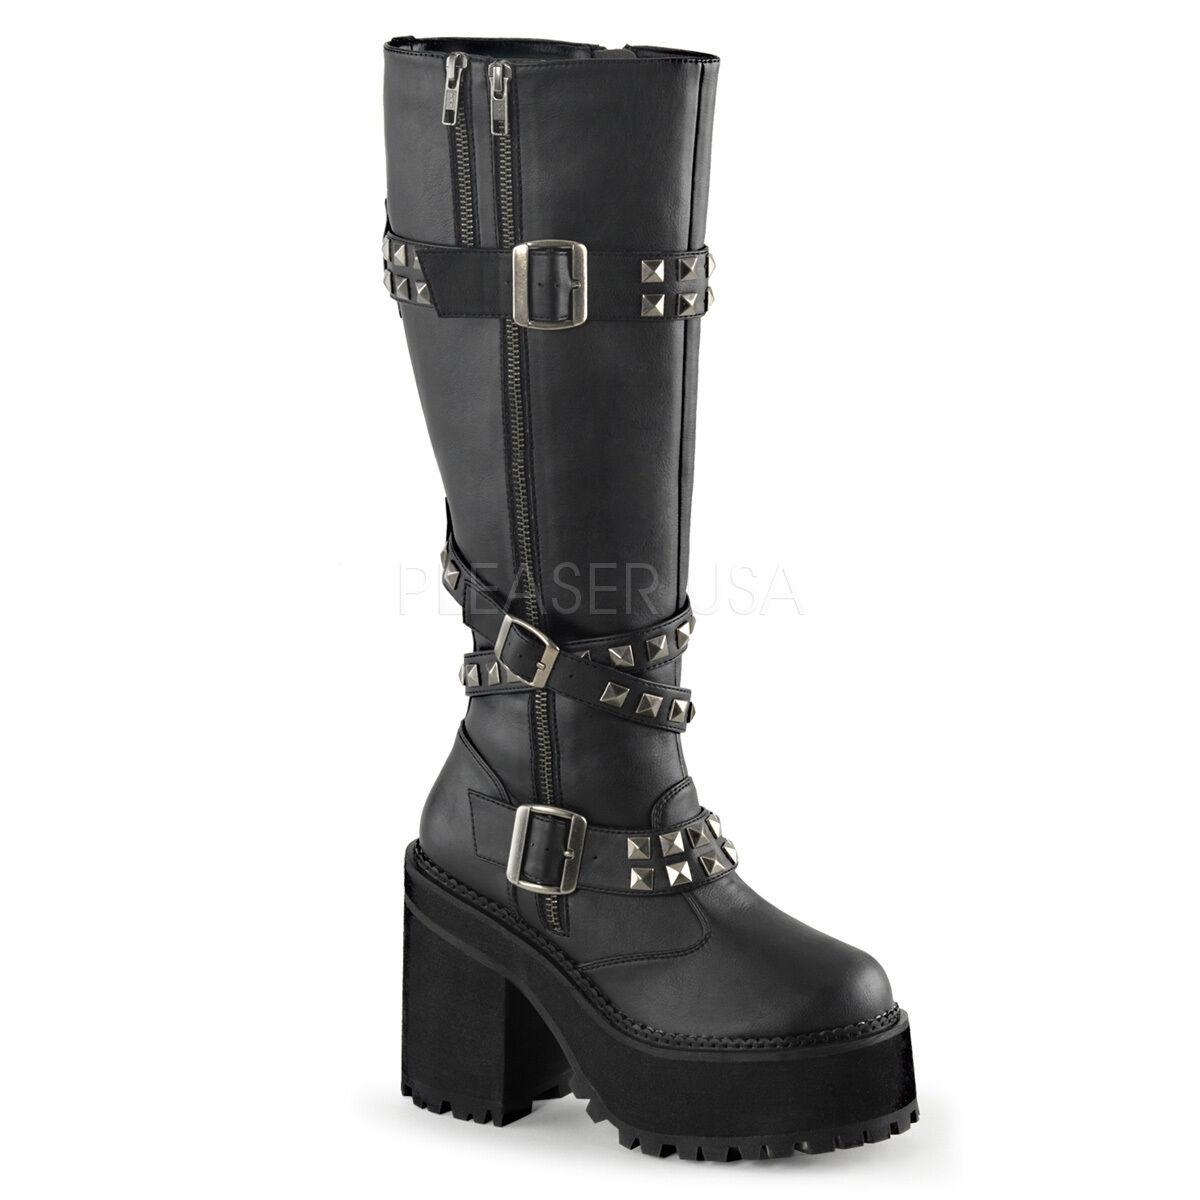 DEMONIA ASST203 BVL Women's Platform Studs Gothic Punk Combat Knee High Boots